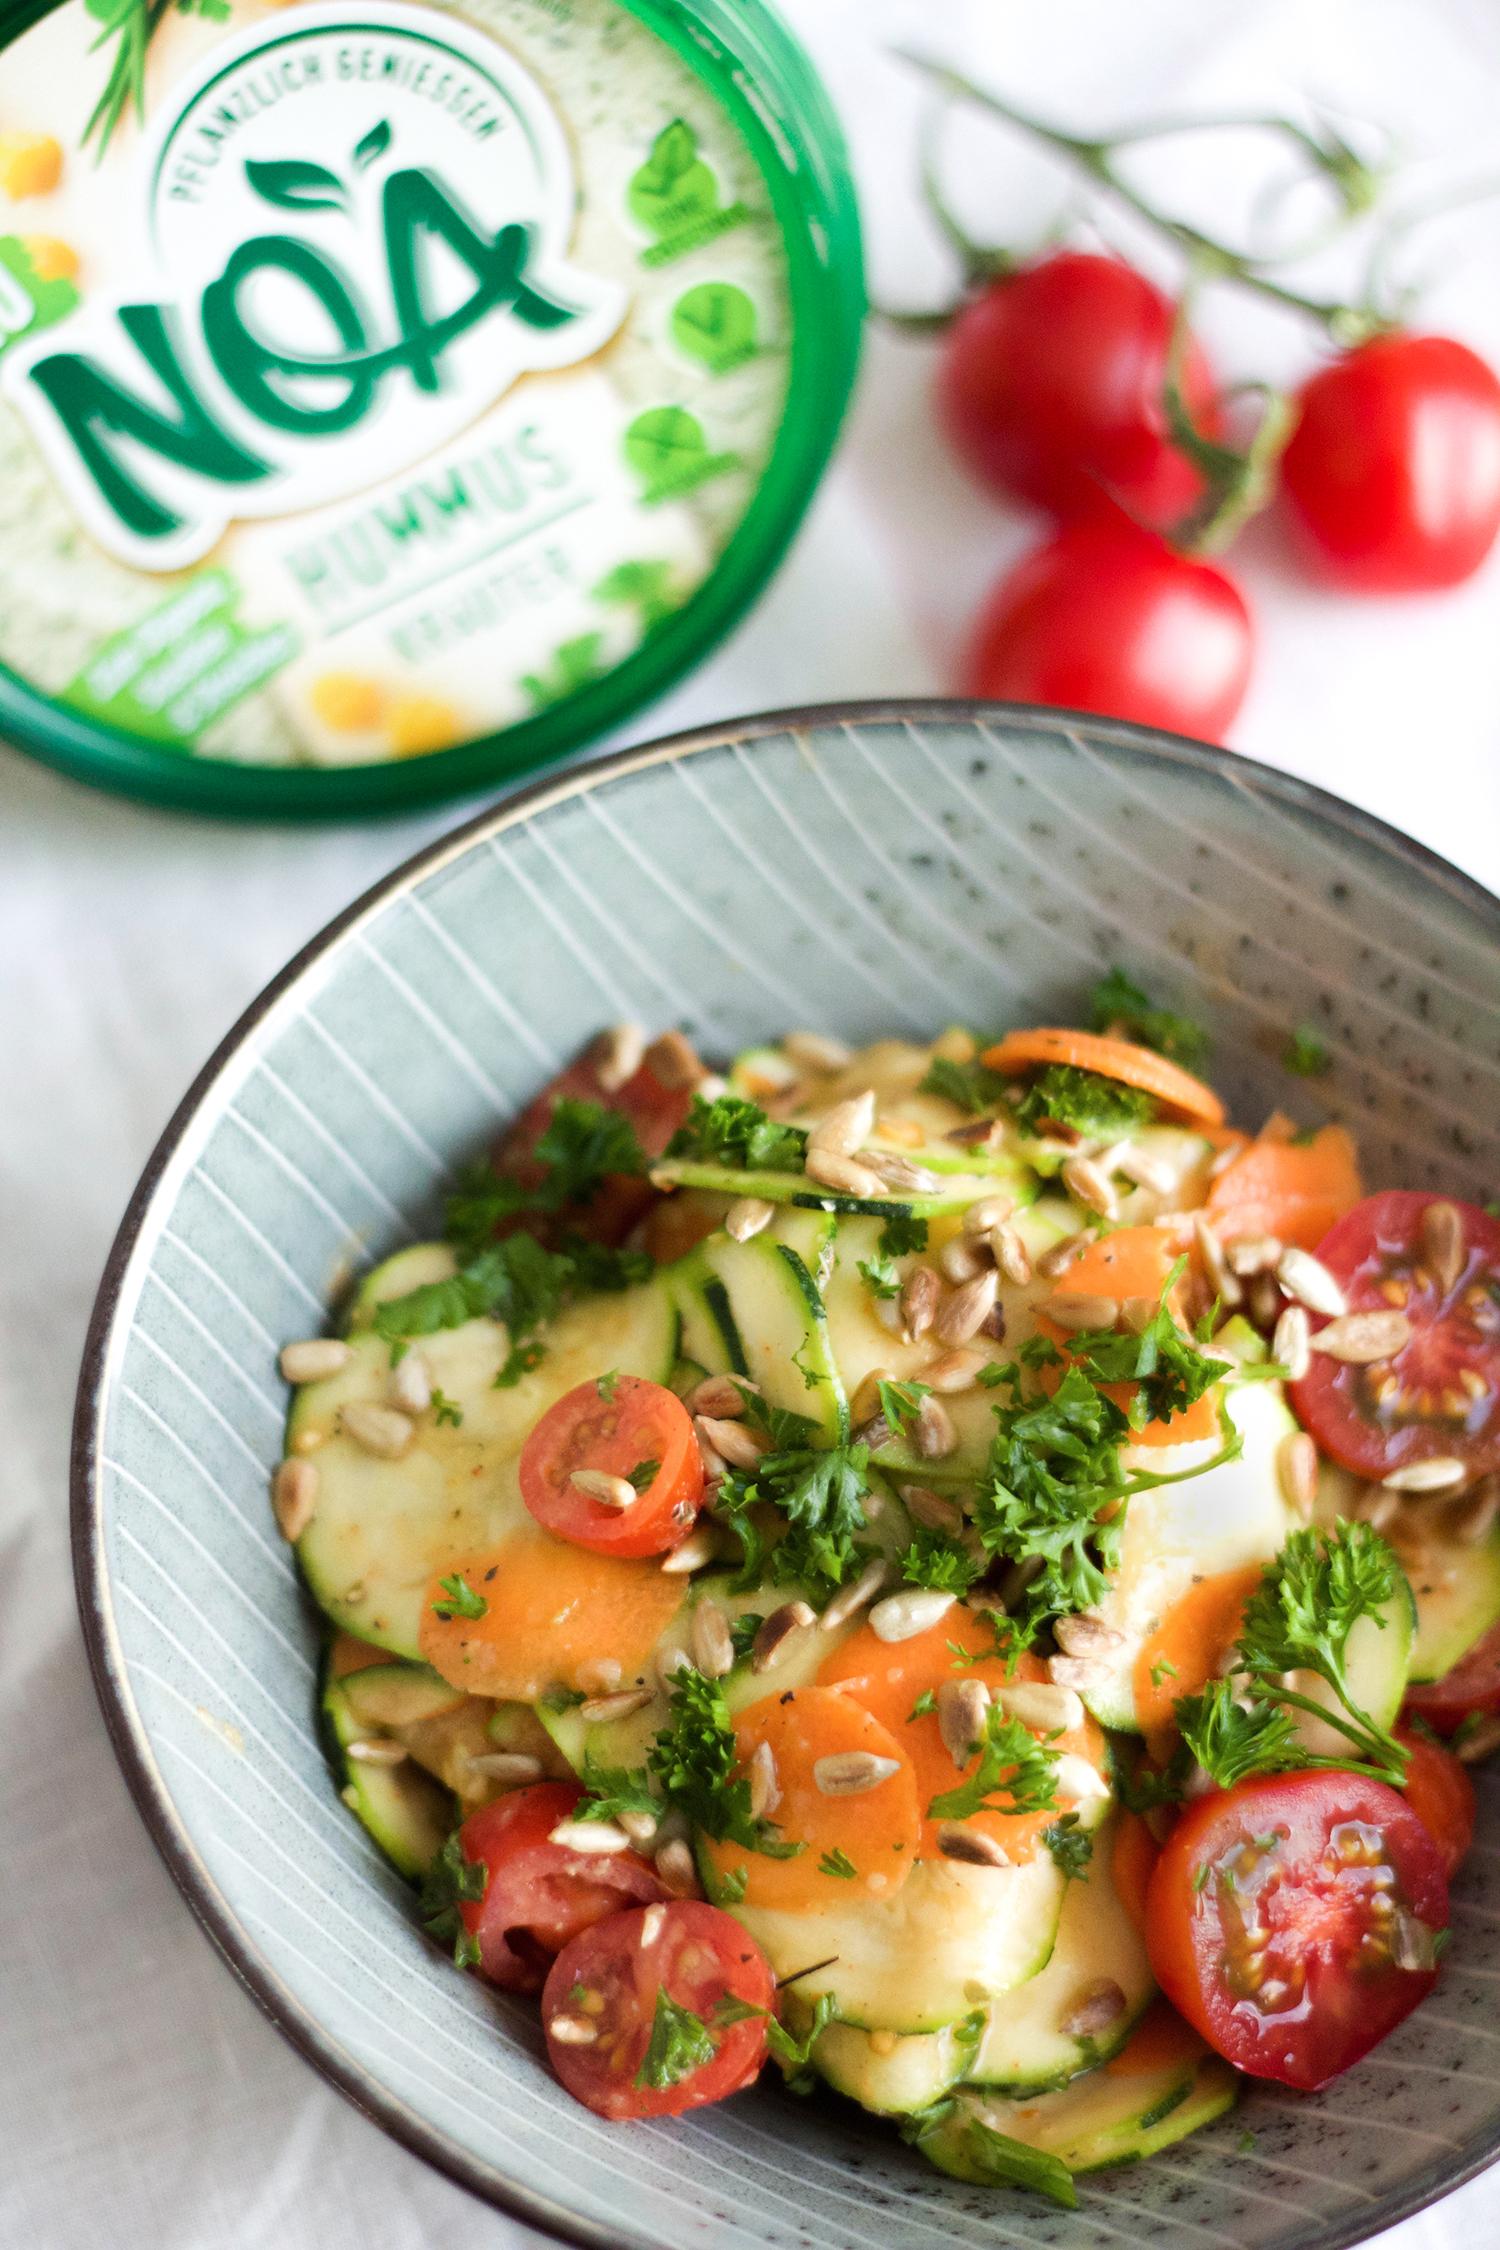 Zucchini-Salat-Kräuter-Hummus